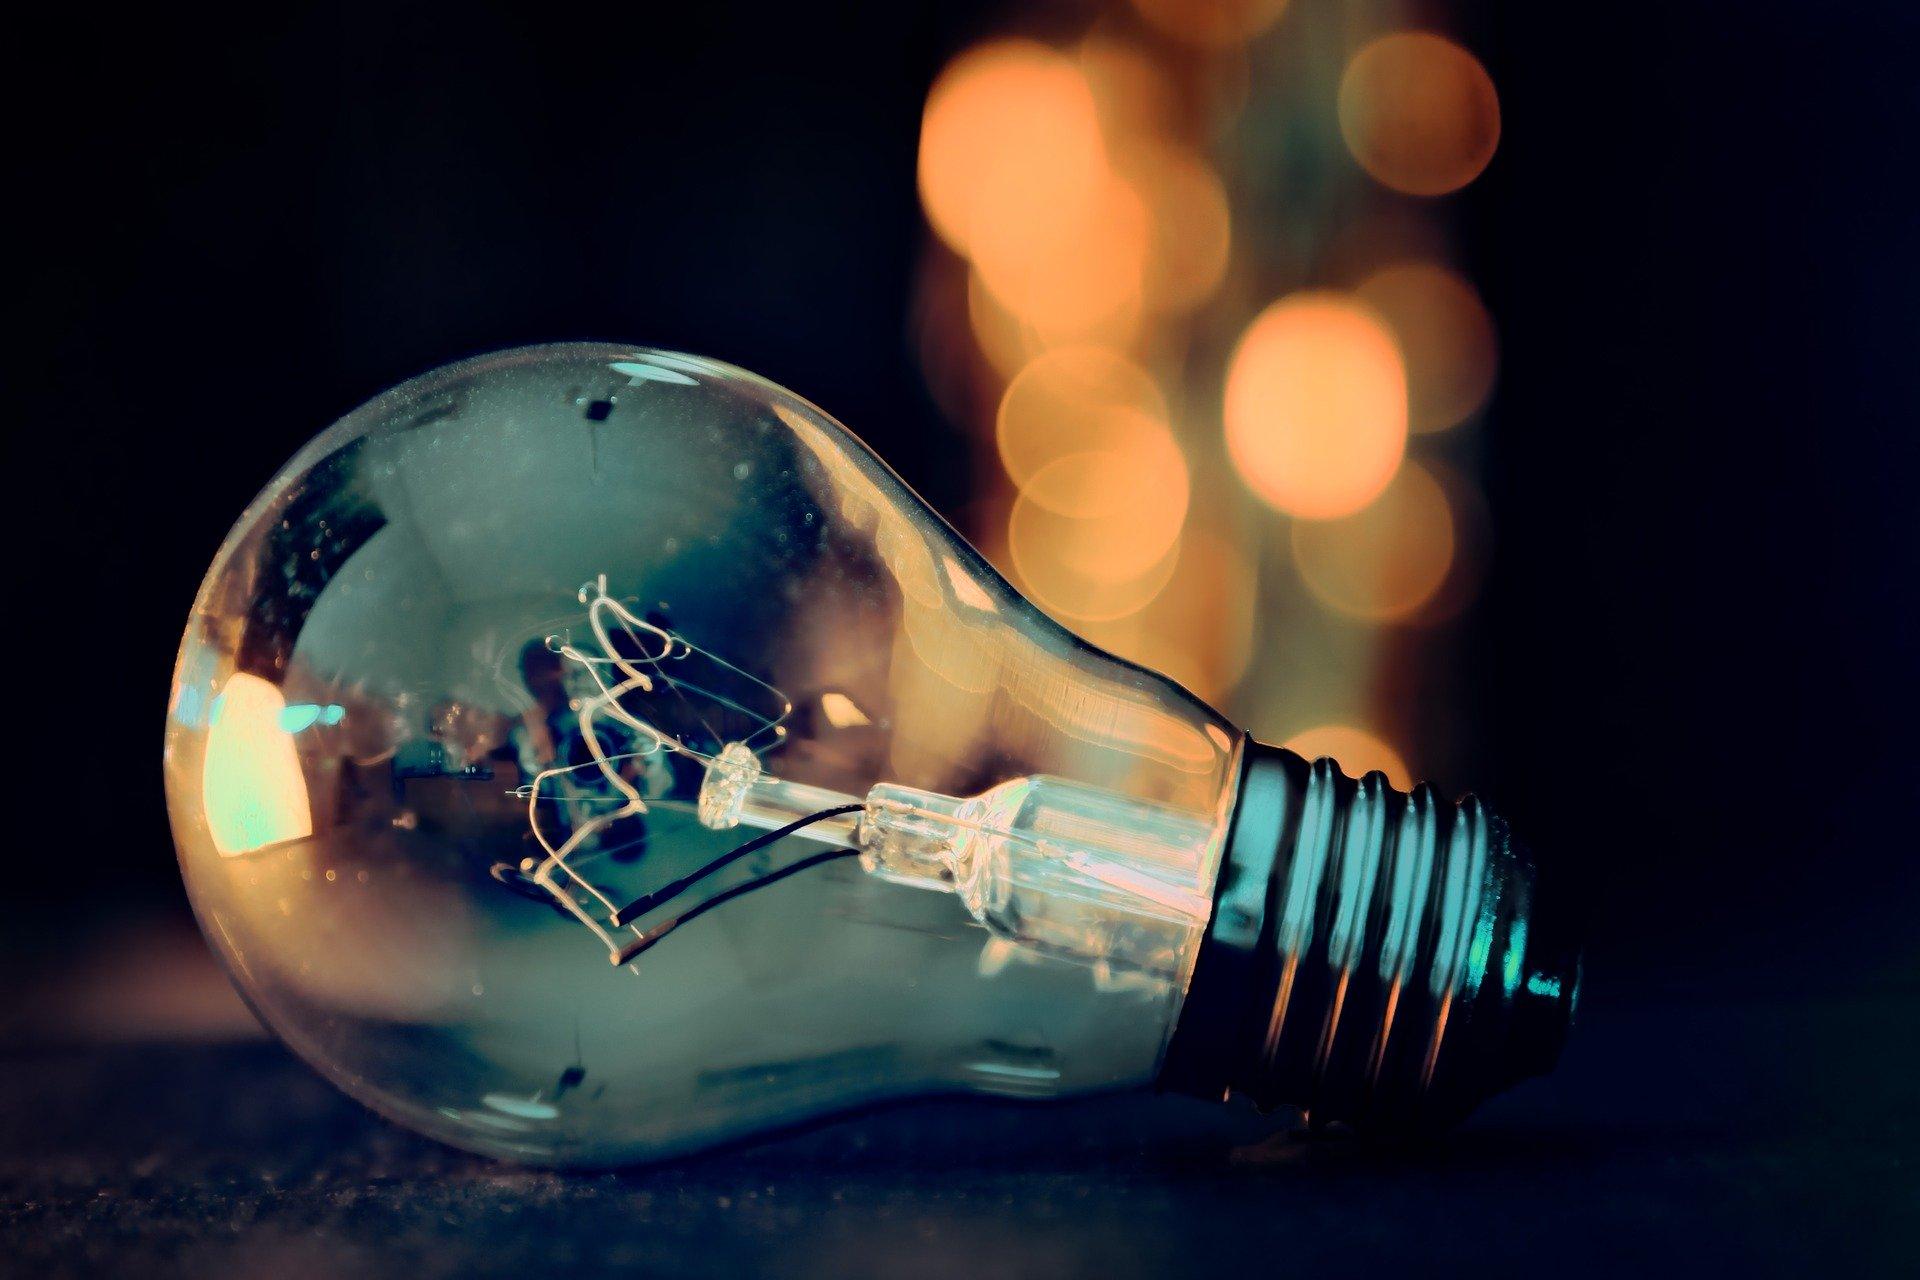 Окремі аспекти підготовки тендерної документації для закупівлі електричної енергії: на що слід звернути увагу замовникові